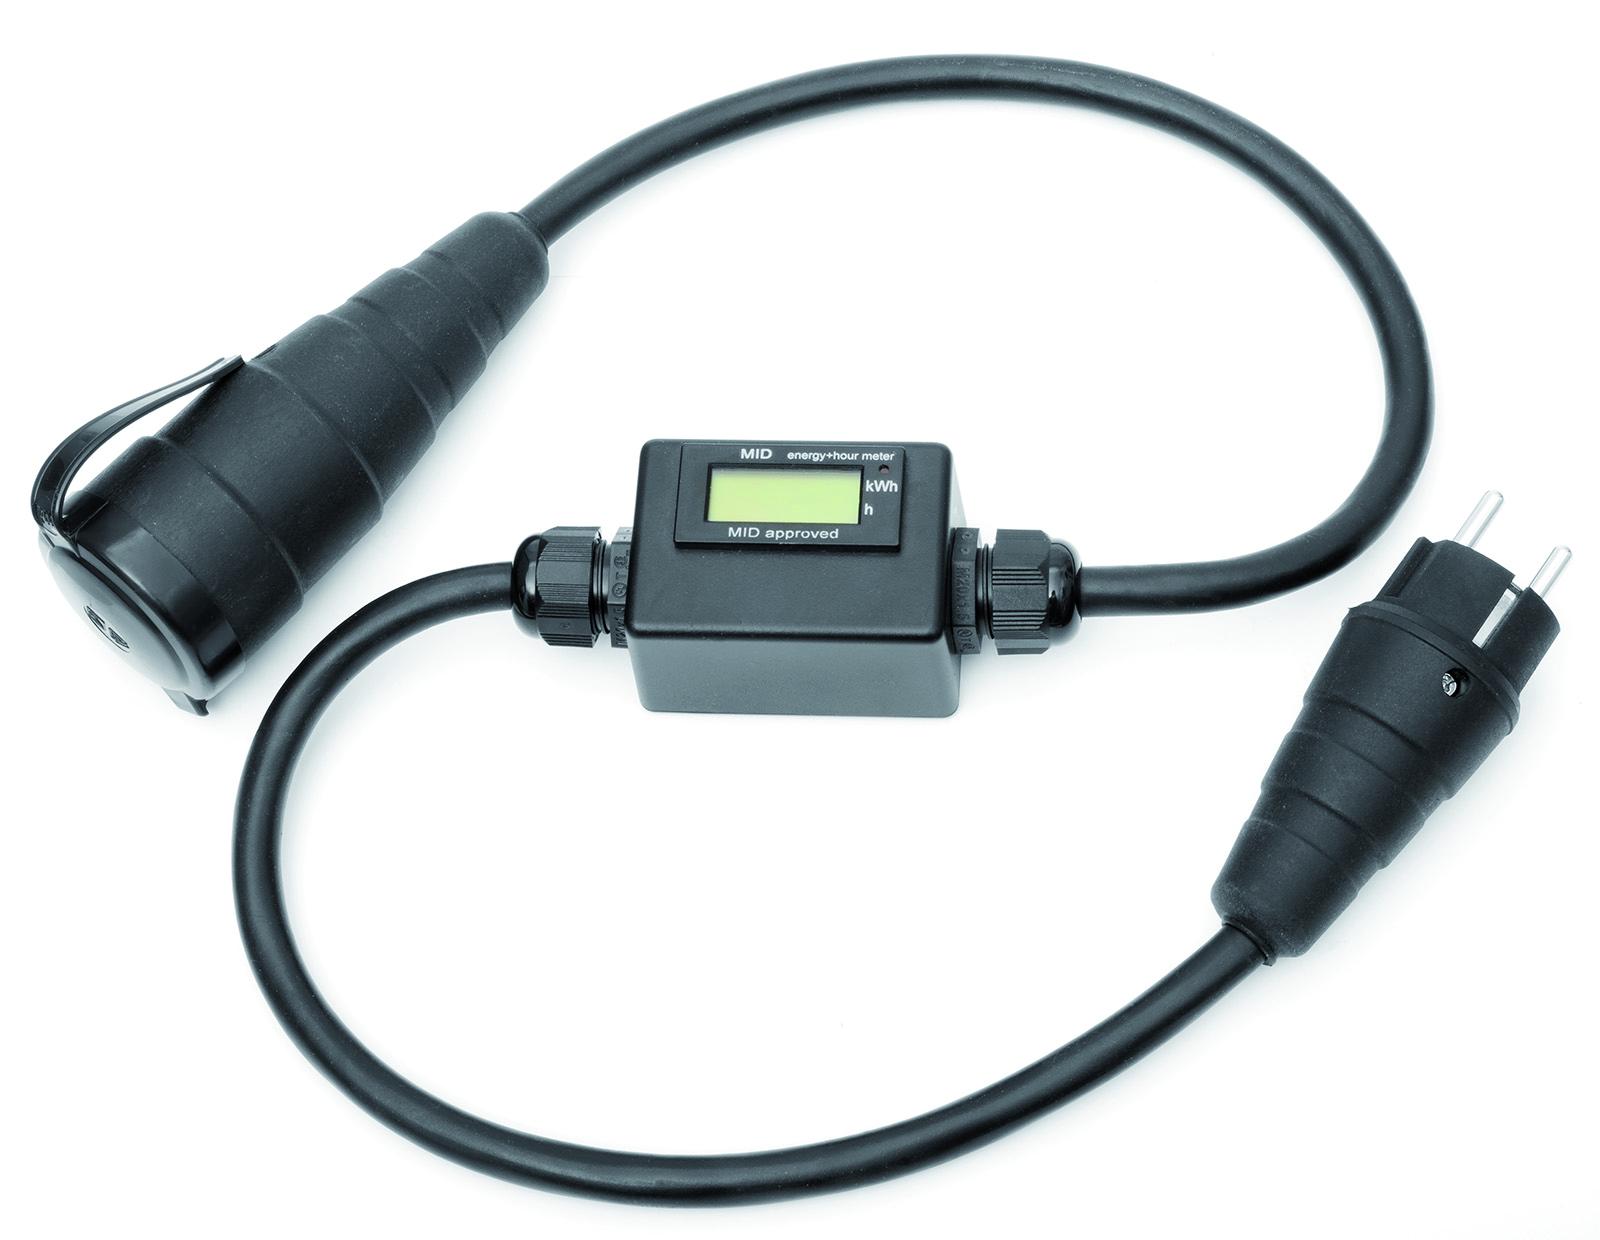 Mobiler Stromzähler Mini ABS-Gehäuse - Digitaler Energiezähler zu Abrechnungszwecken geeignet - MID geeicht - 10 Stk.